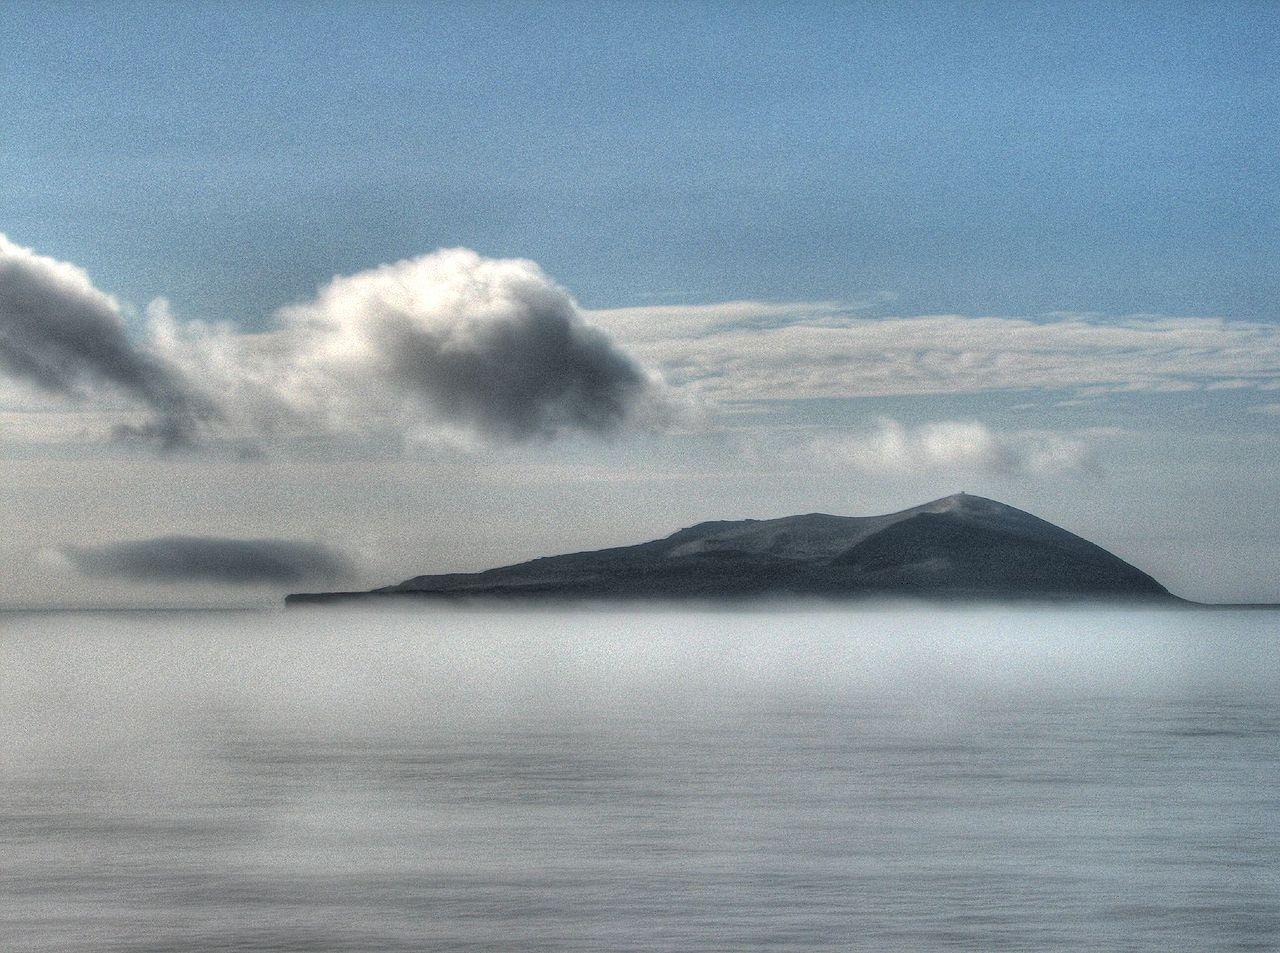 Die Insel Surtsey